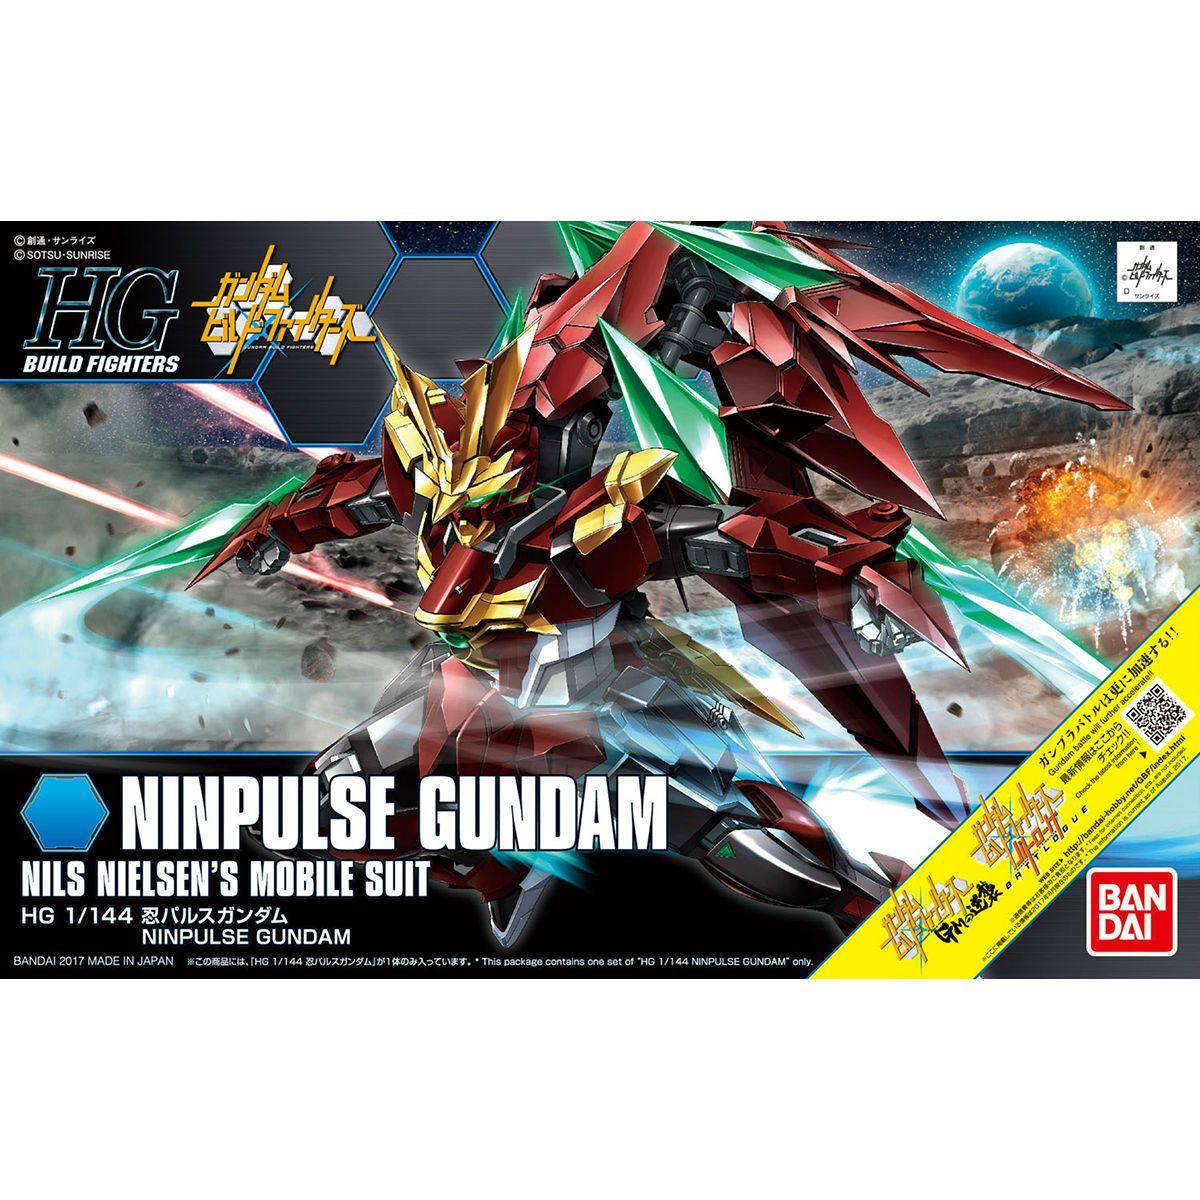 HG 1/144 Ninpulse Gundam